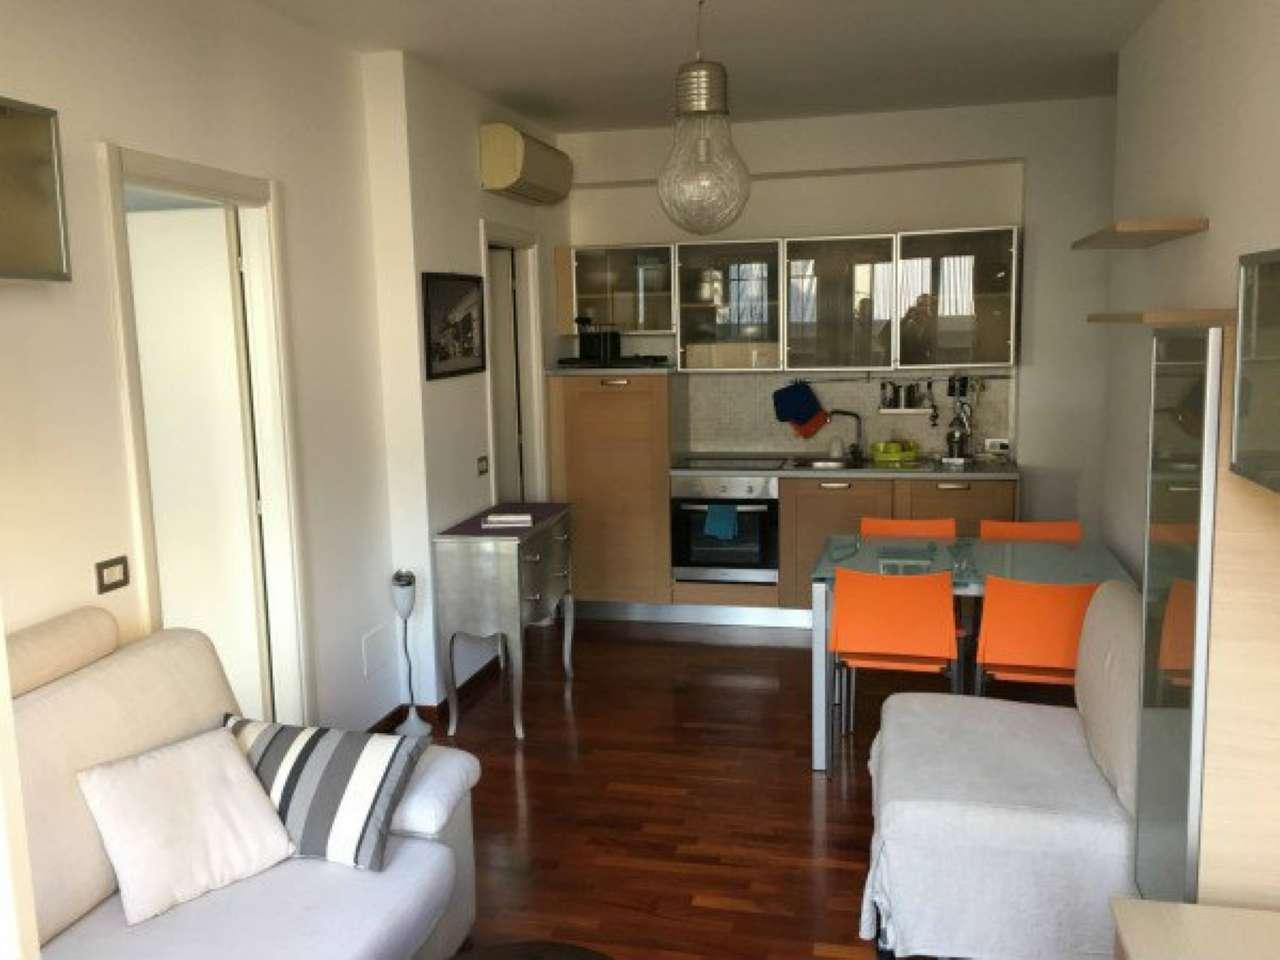 Appartamento in affitto a Milano, 2 locali, zona Zona: 15 . Fiera, Firenze, Sempione, Pagano, Amendola, Paolo Sarpi, Arena, prezzo € 1.000 | Cambio Casa.it